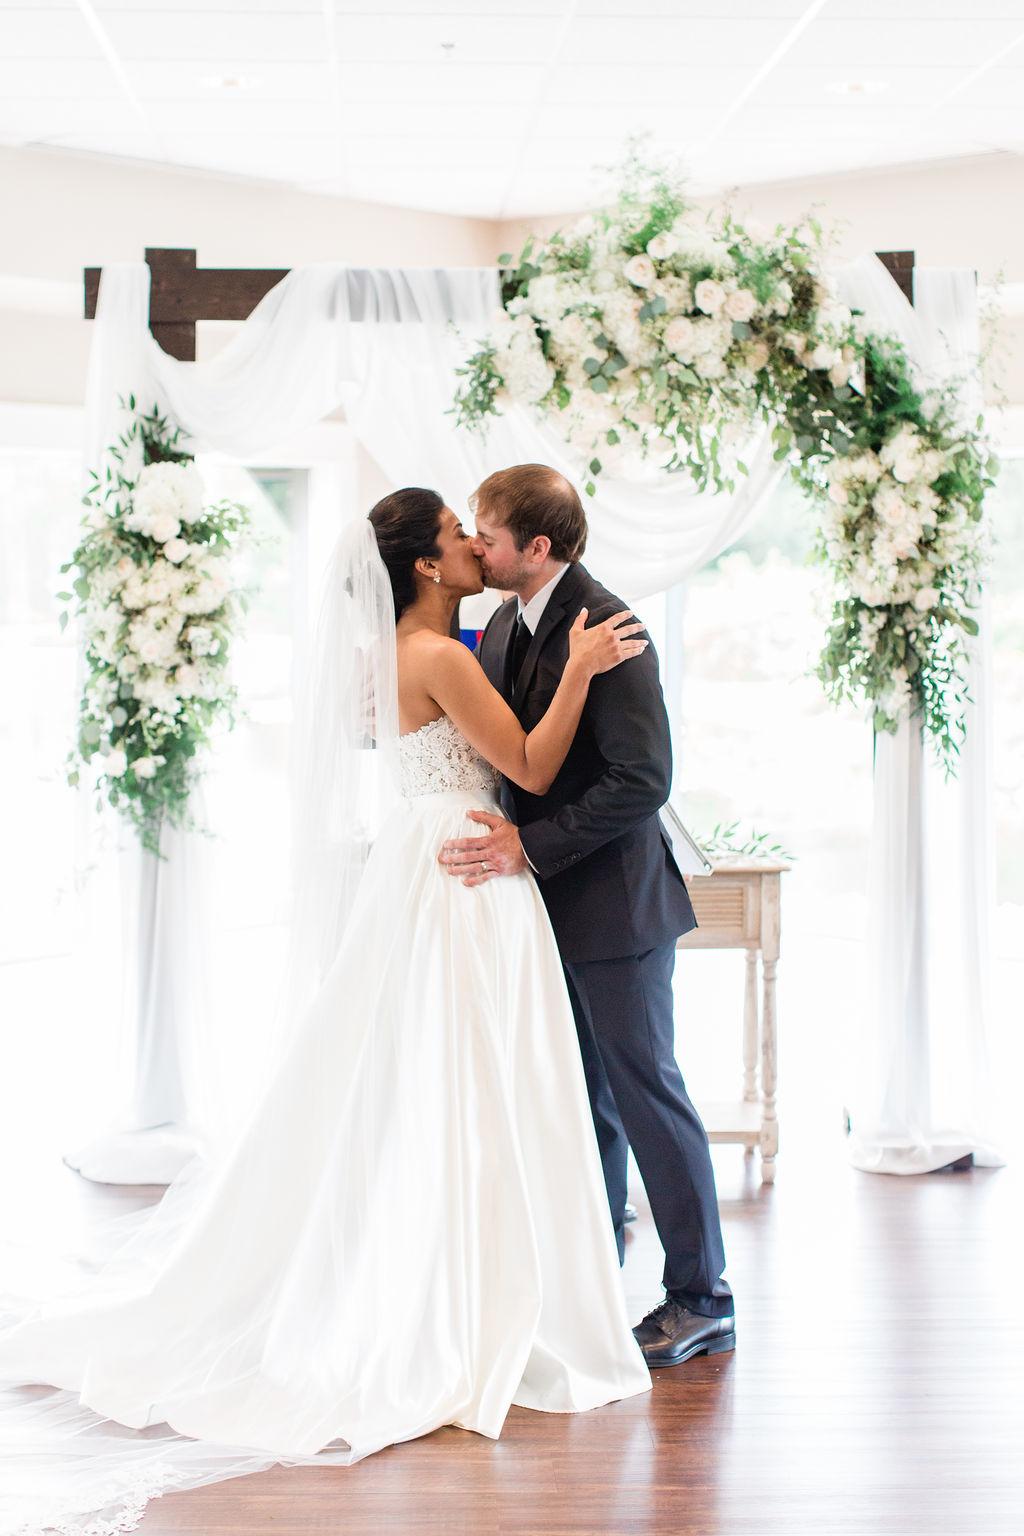 jency-mike-wedding-277.jpg